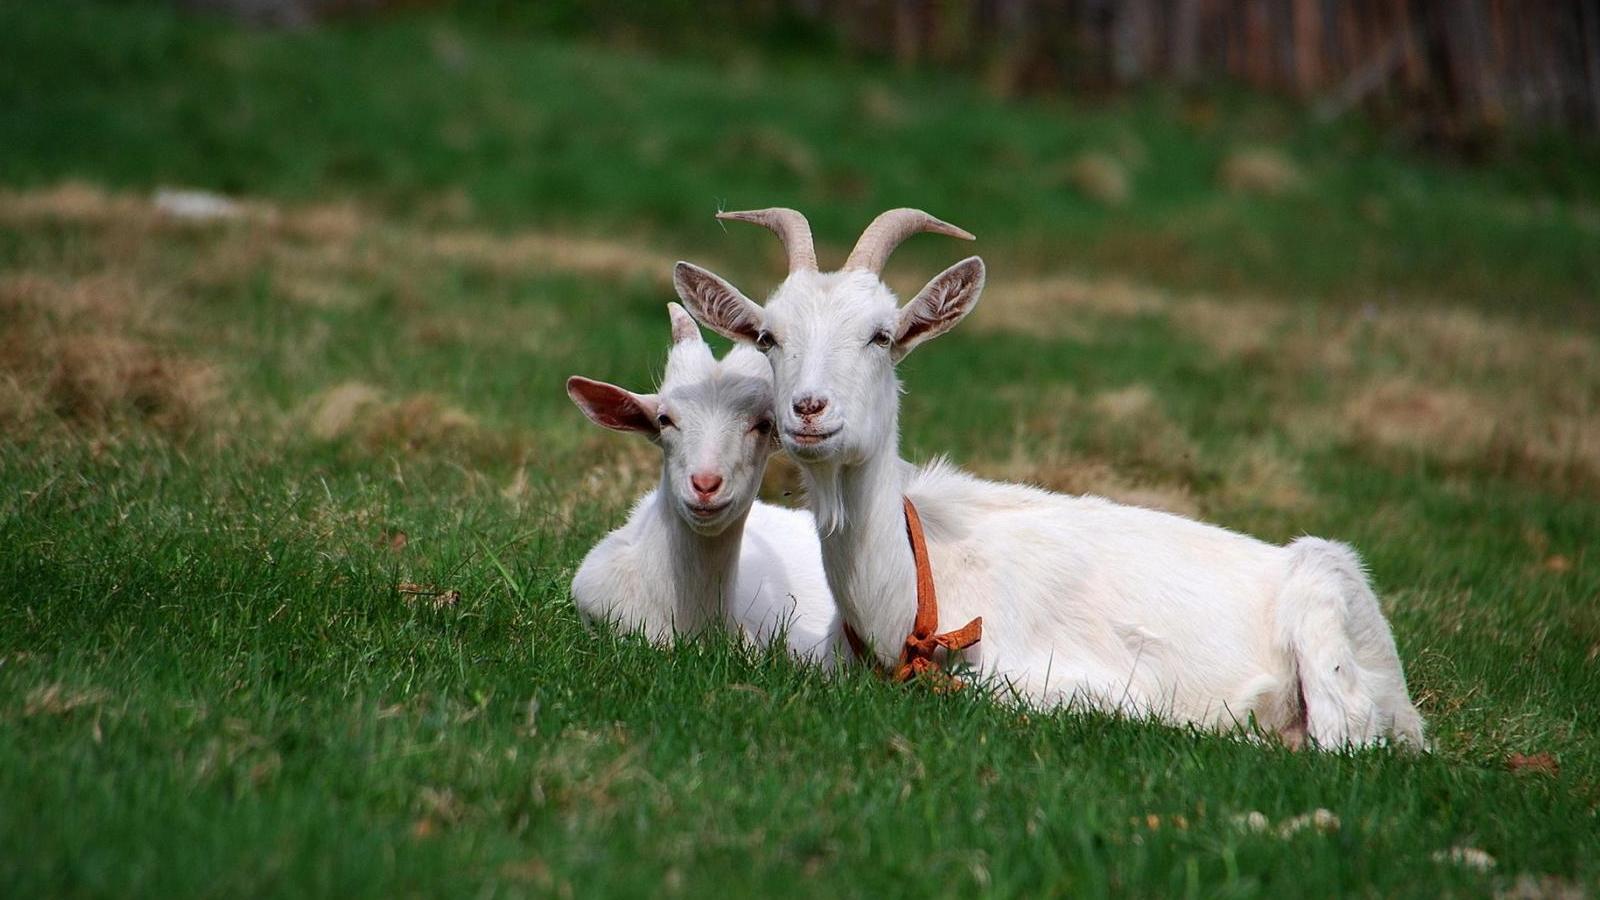 Ученые создали генномодифицированных коз, чье молоко содержит лекарство от рака